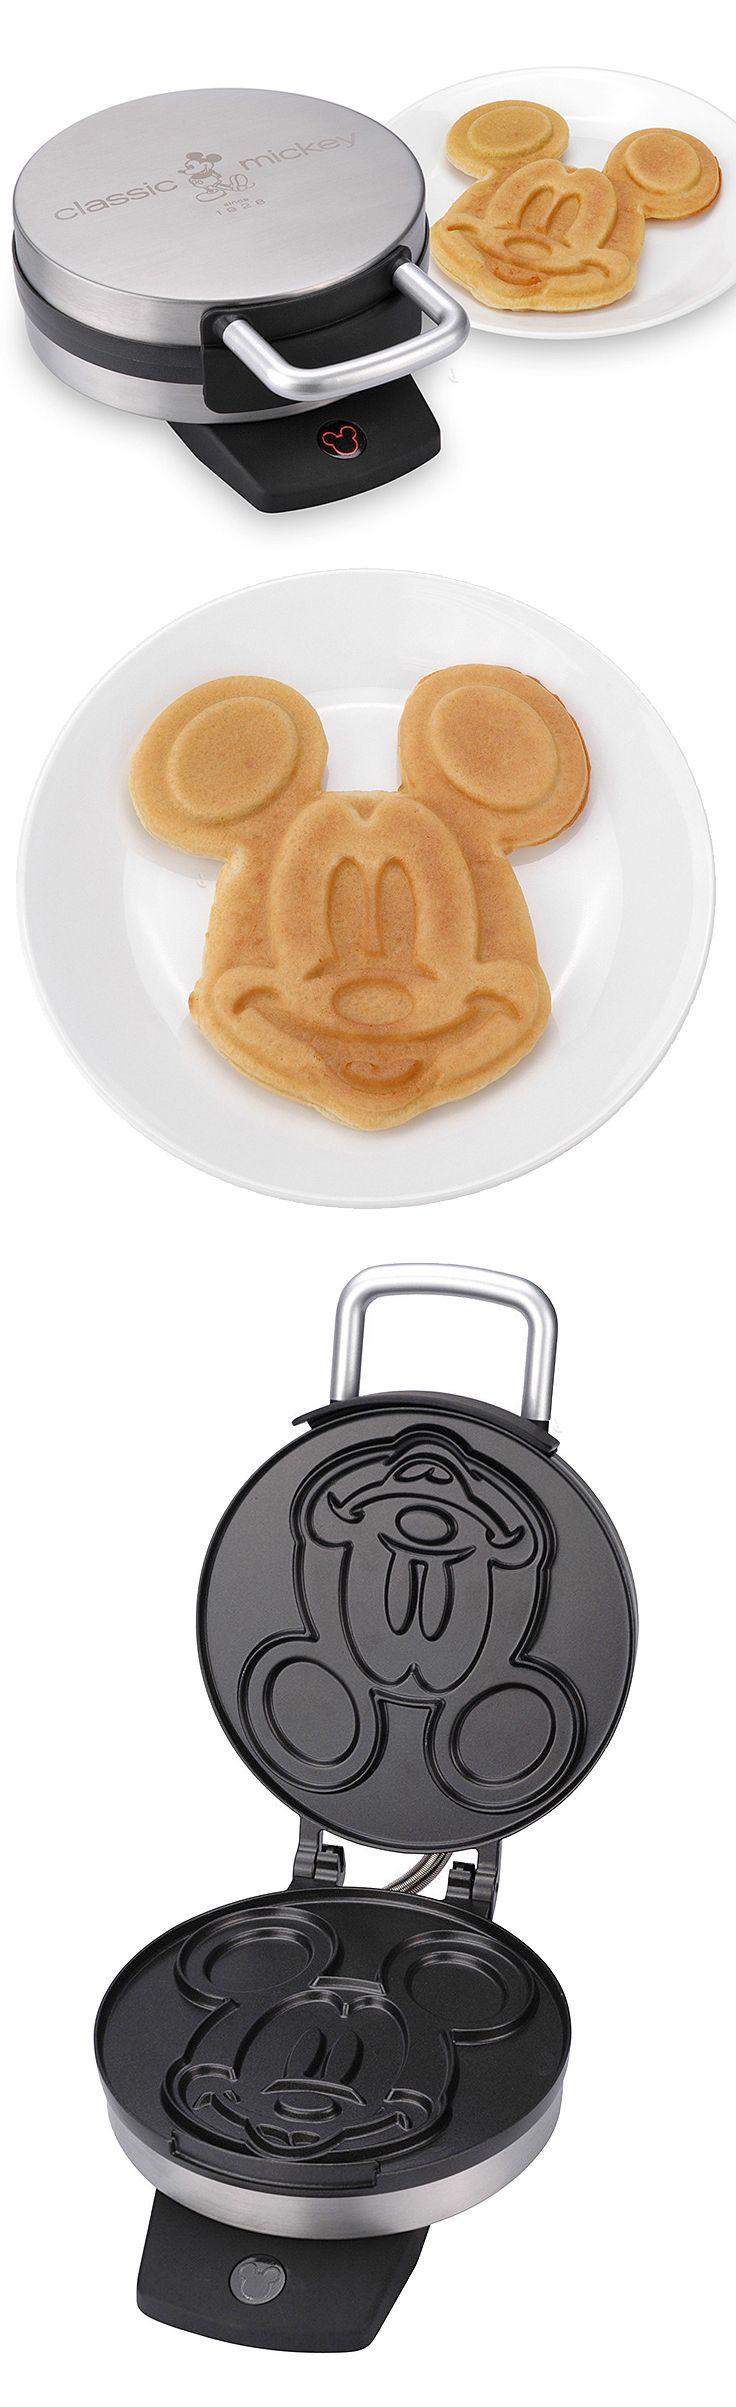 ♣ Classic Mickey Mouse waffle maker! $19.99 at Zulily.com Yaaaayyyy!!!!